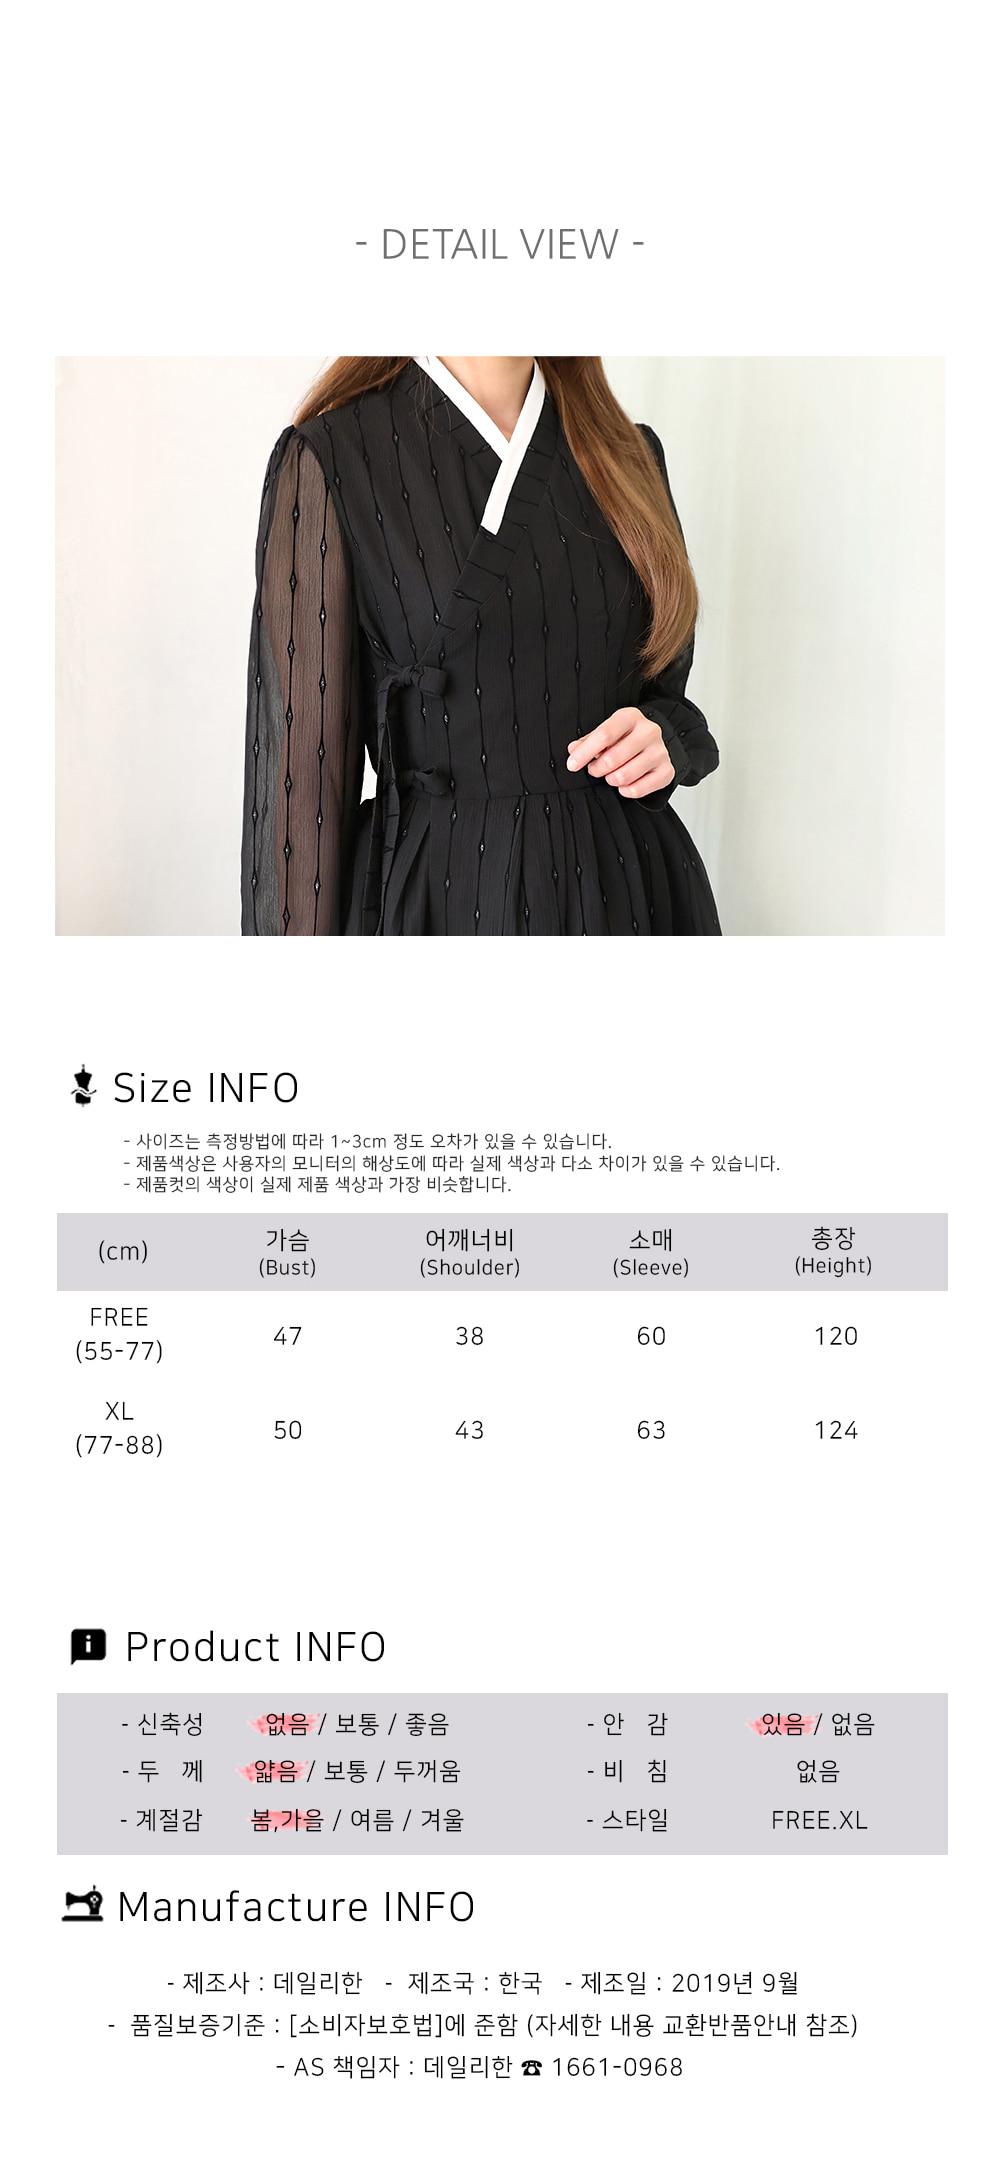 크리스탈 블랙모던 철릭원피스(블랙) - 데일리한, 159,000원, 생활한복, 여성한복